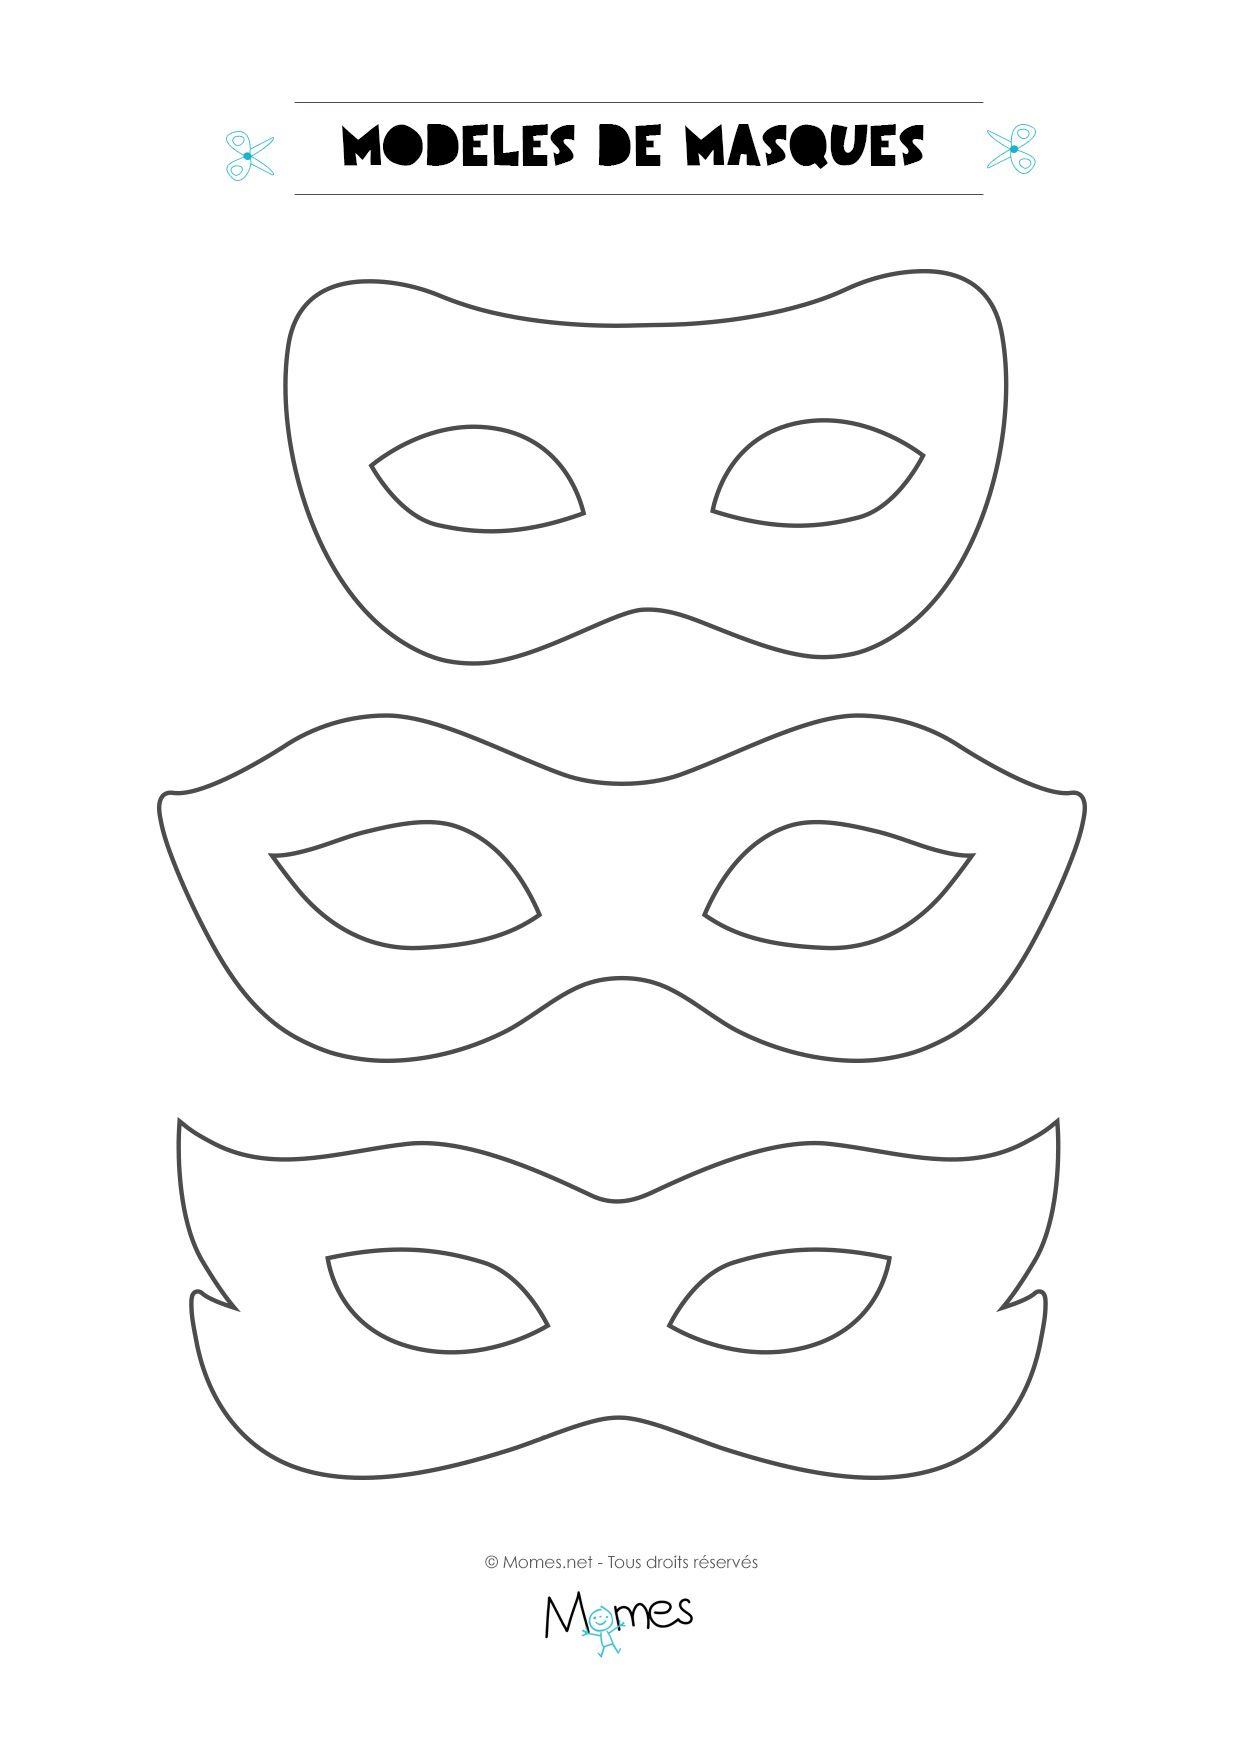 6 Modèles De Masques Pour Le Carnaval | Modèle De Masque serapportantà Masque Enfant A Colorier